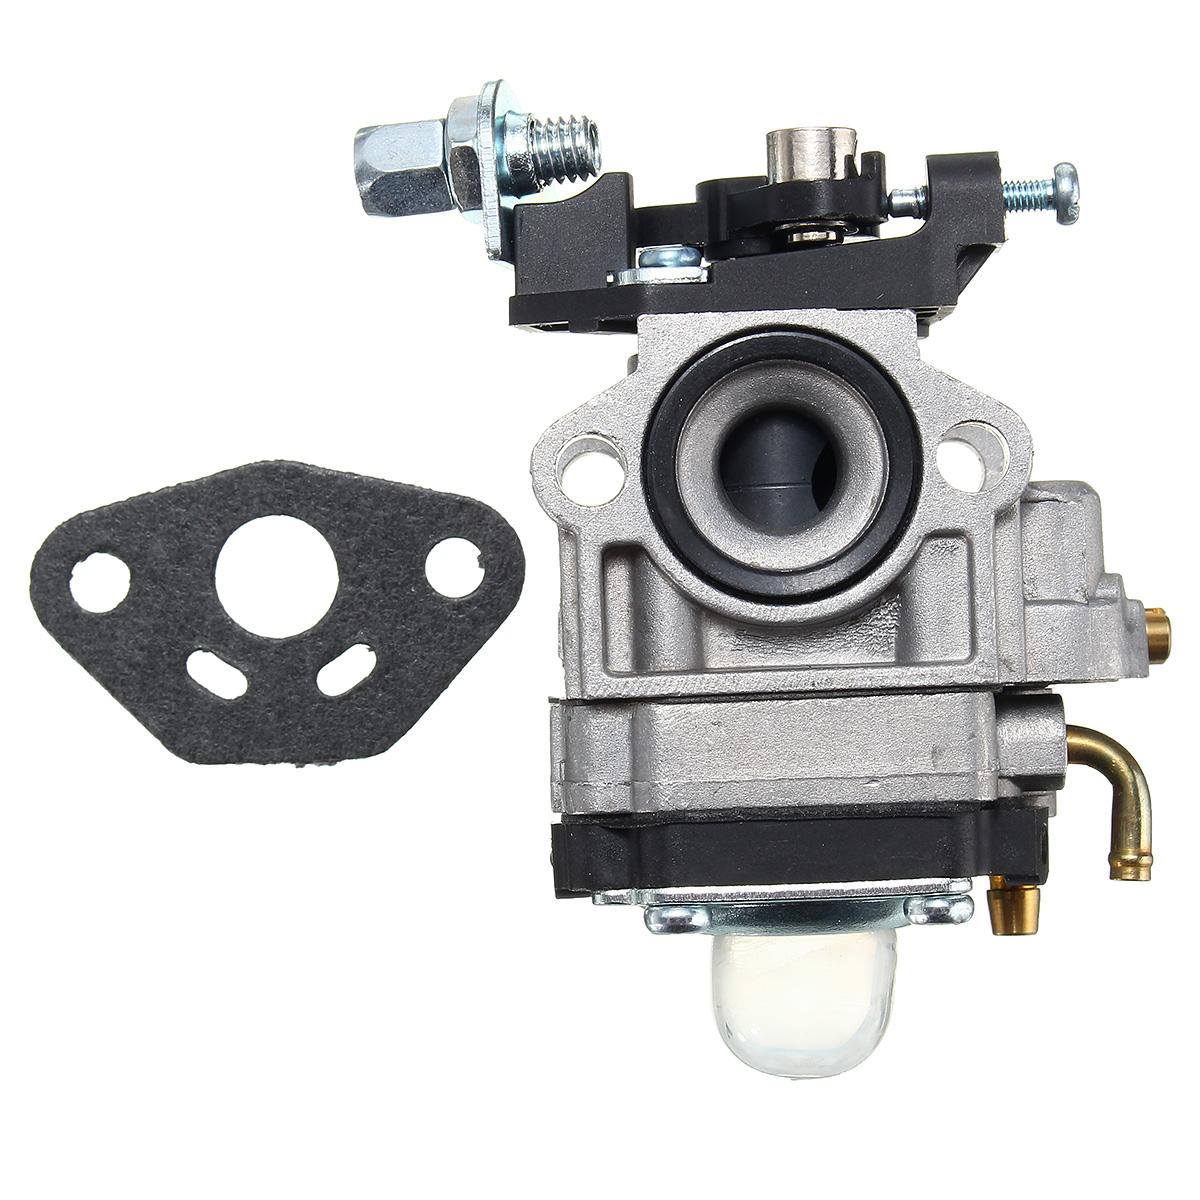 Carburetor Carb Gasket Kit For Echo String Trimmer SRM2